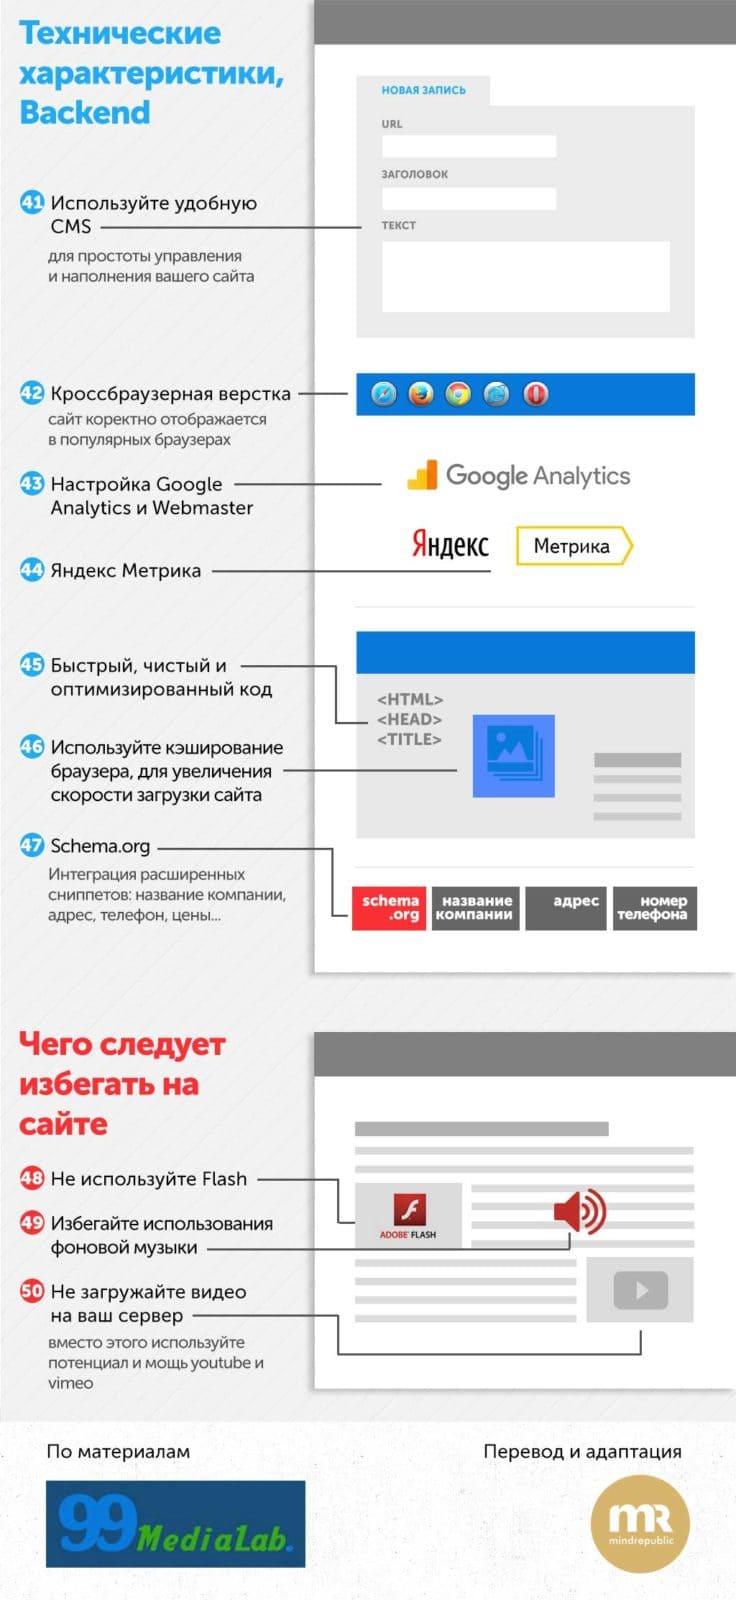 Заказать сайт. Разработка веб-дизайна сайта Инфографика. дизайн сайтов в г. Москва